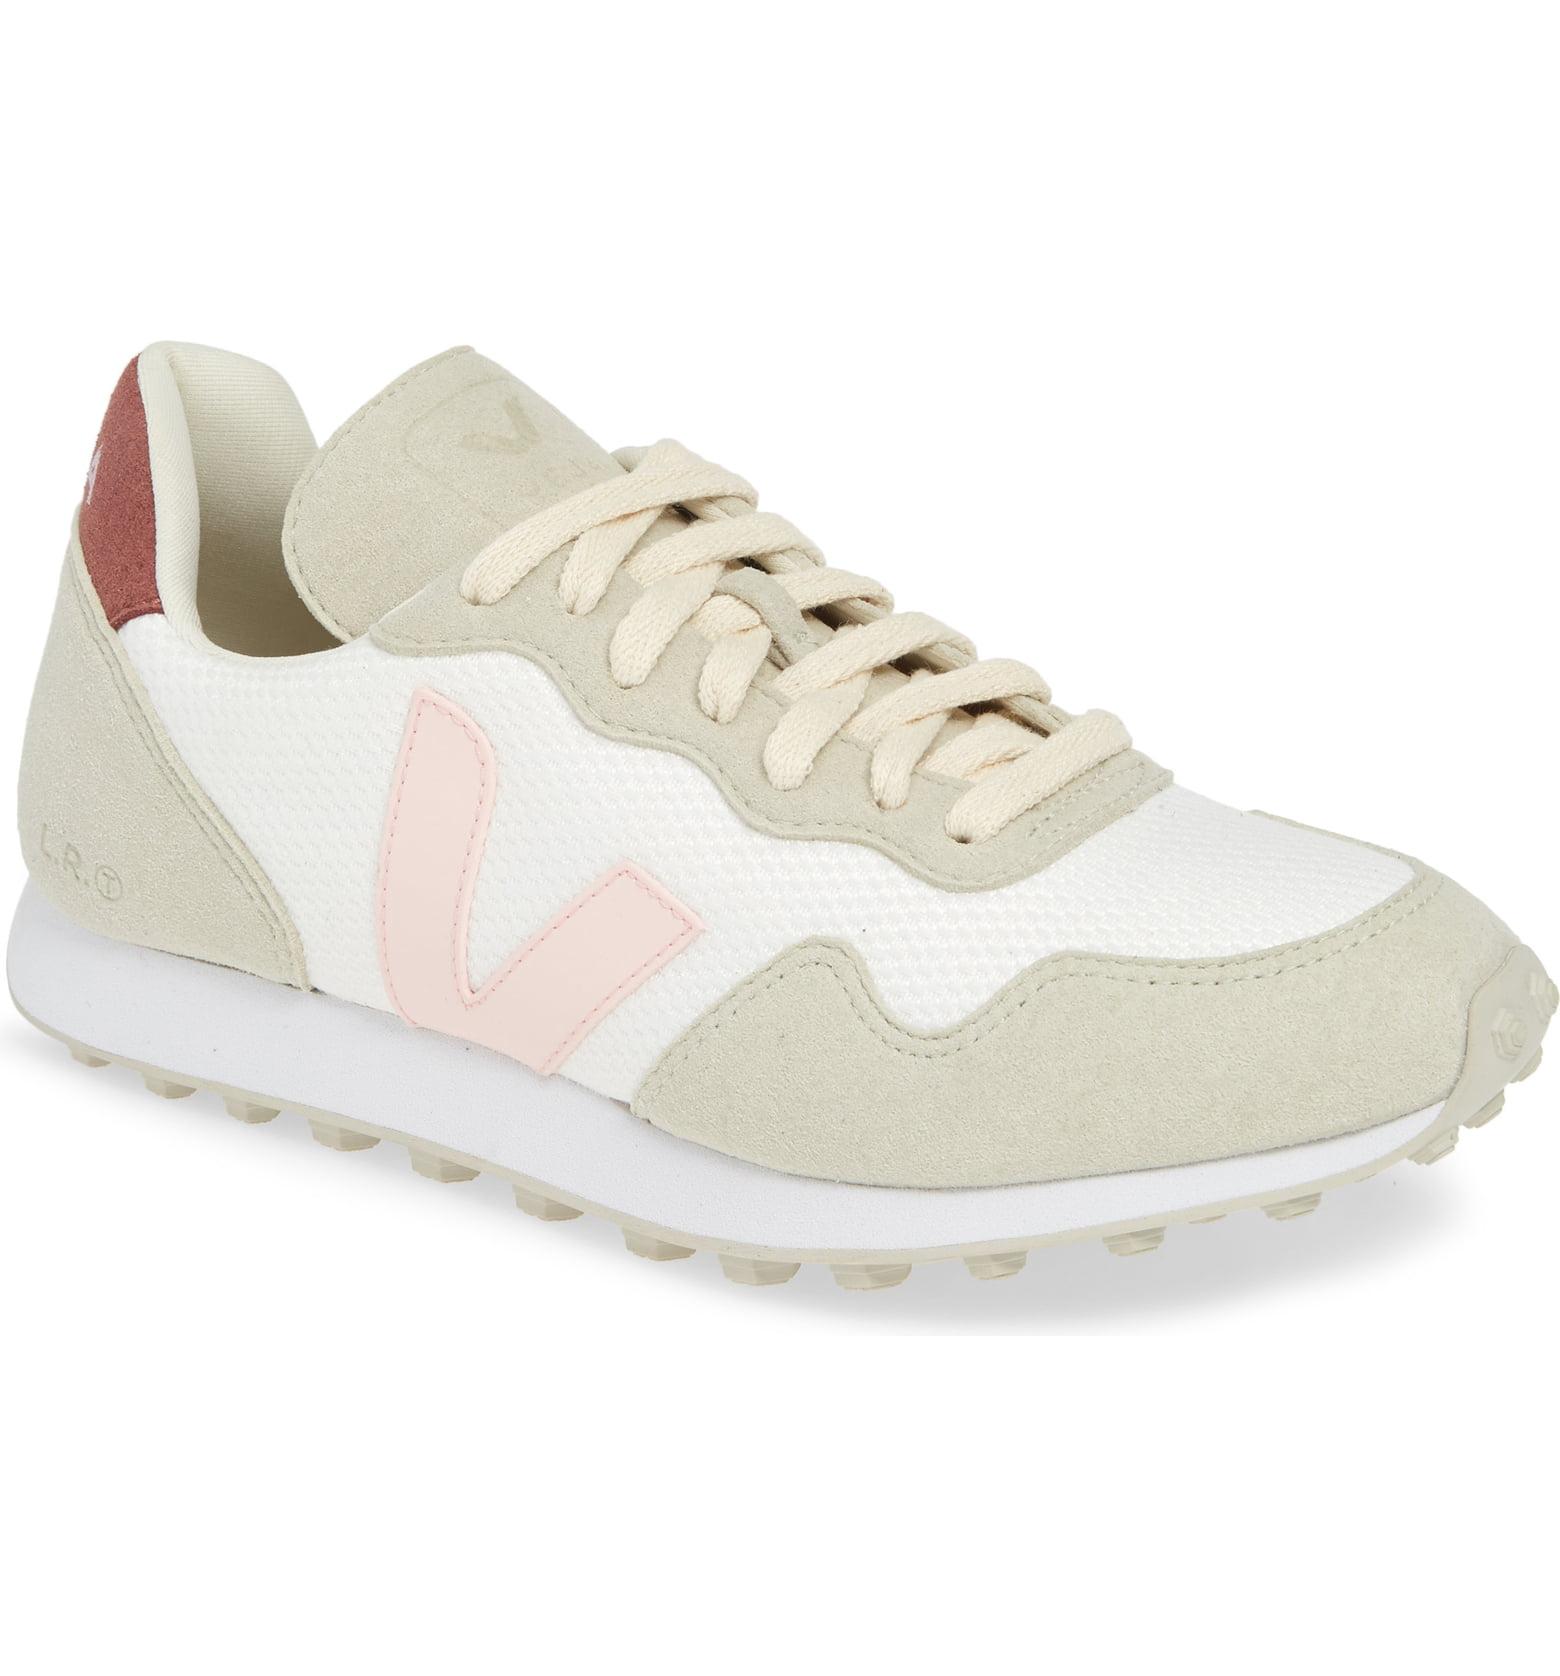 Veja Hexa Sneaker